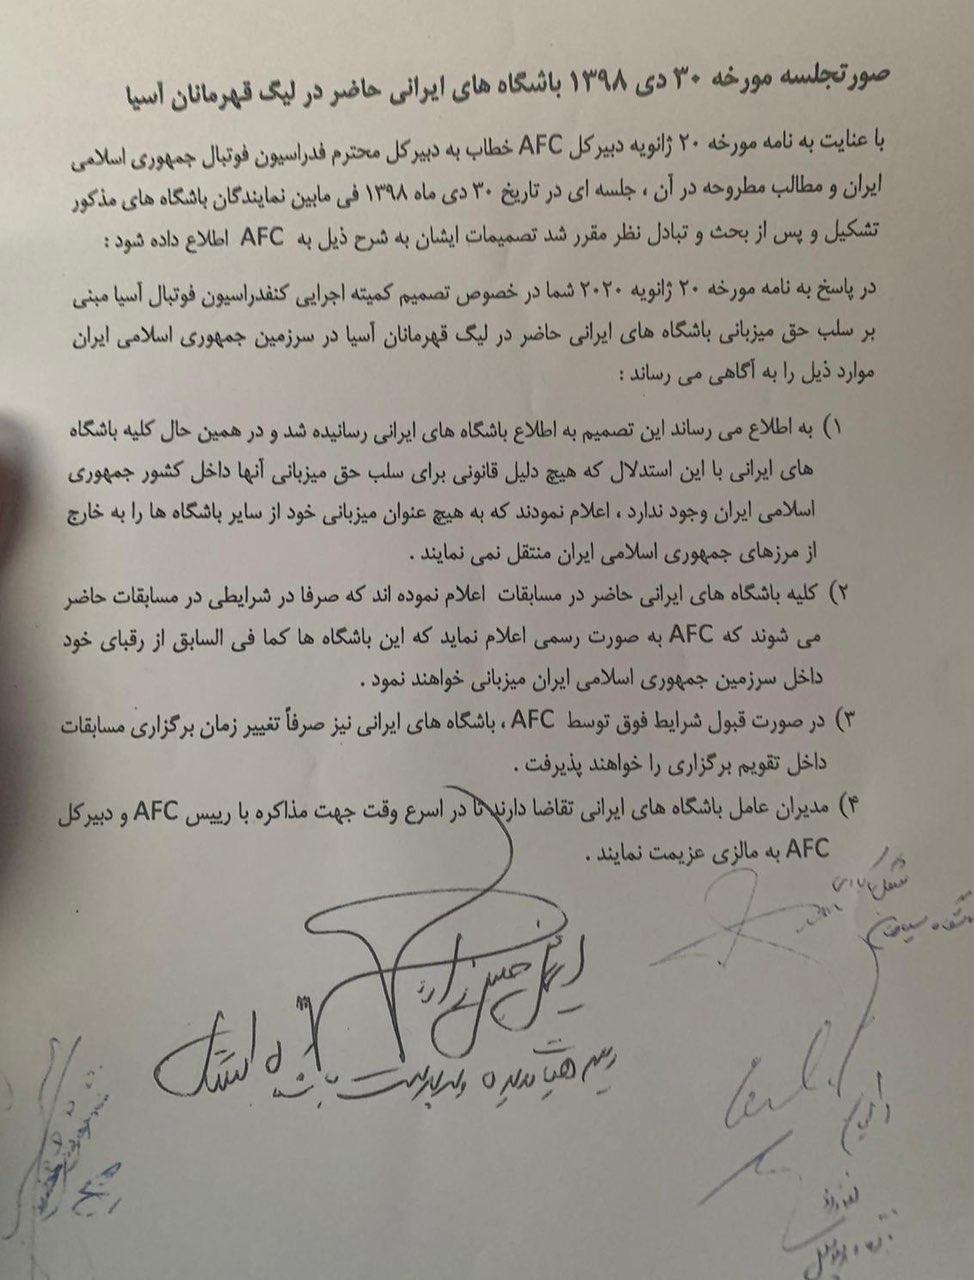 احتمال حضور ۲ نماینده از ایران در لیگ قهرمانان آسیا صحت ندارد